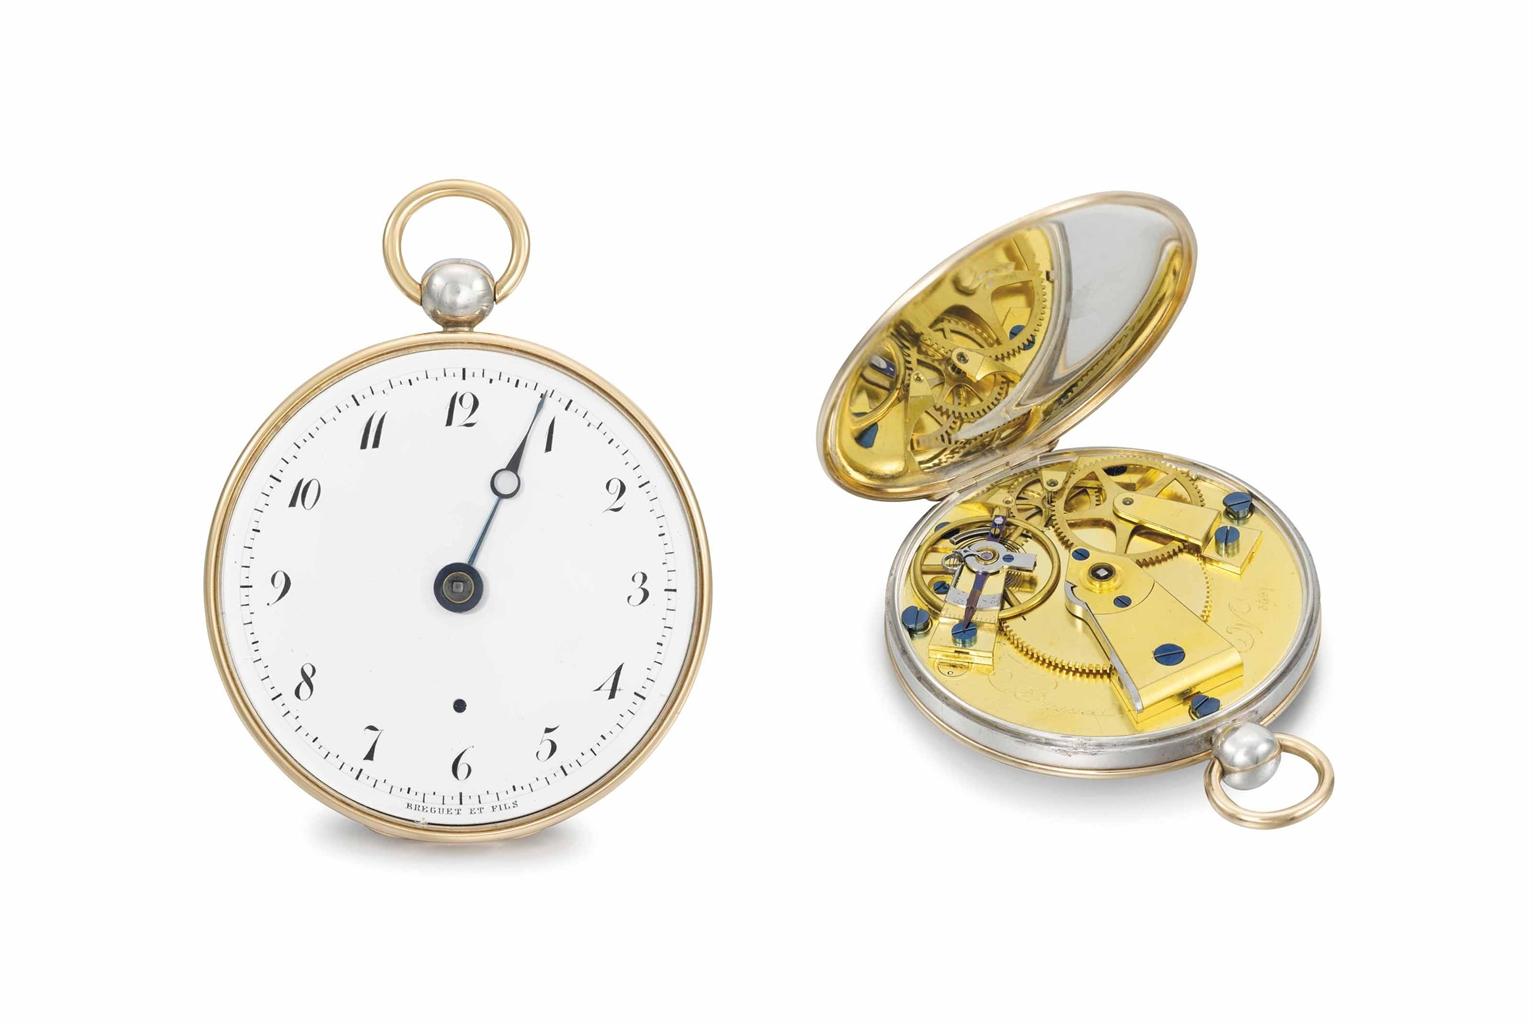 les montres cb lire la page 1 horlogerie page 15350 loisirs discussions. Black Bedroom Furniture Sets. Home Design Ideas